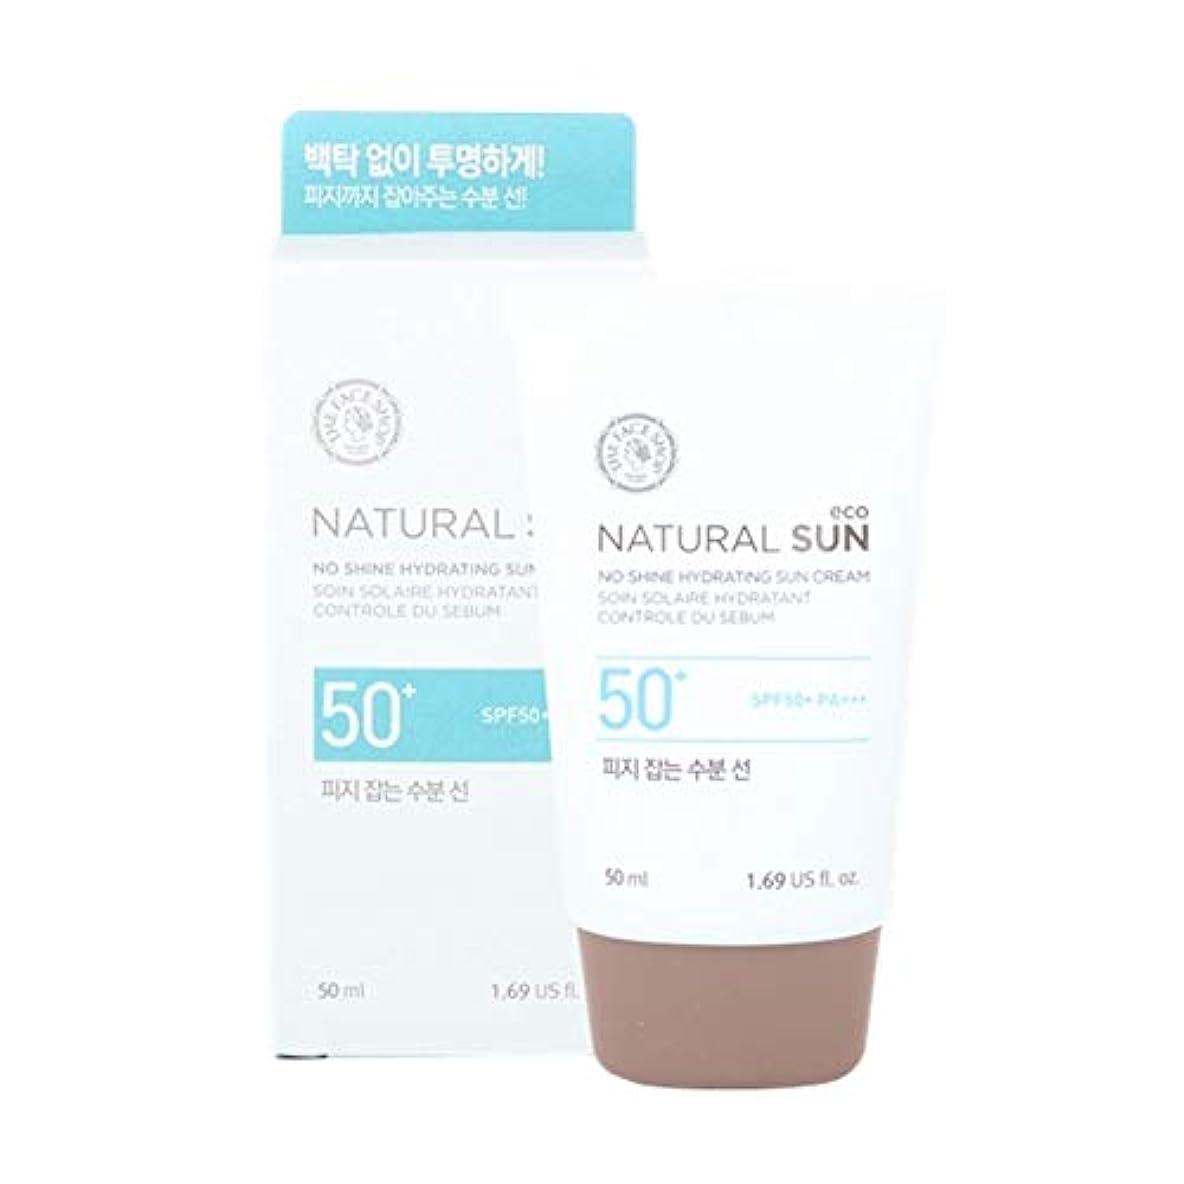 ワーディアンケースアロングいちゃつくザ?フェイスショップネチュロルソンエコフィジーサン?クリームSPF50+PA+++50ml x 2本セット韓国コスメ、The Face Shop Natural Sun Eco No Shine Hydrating Sun...